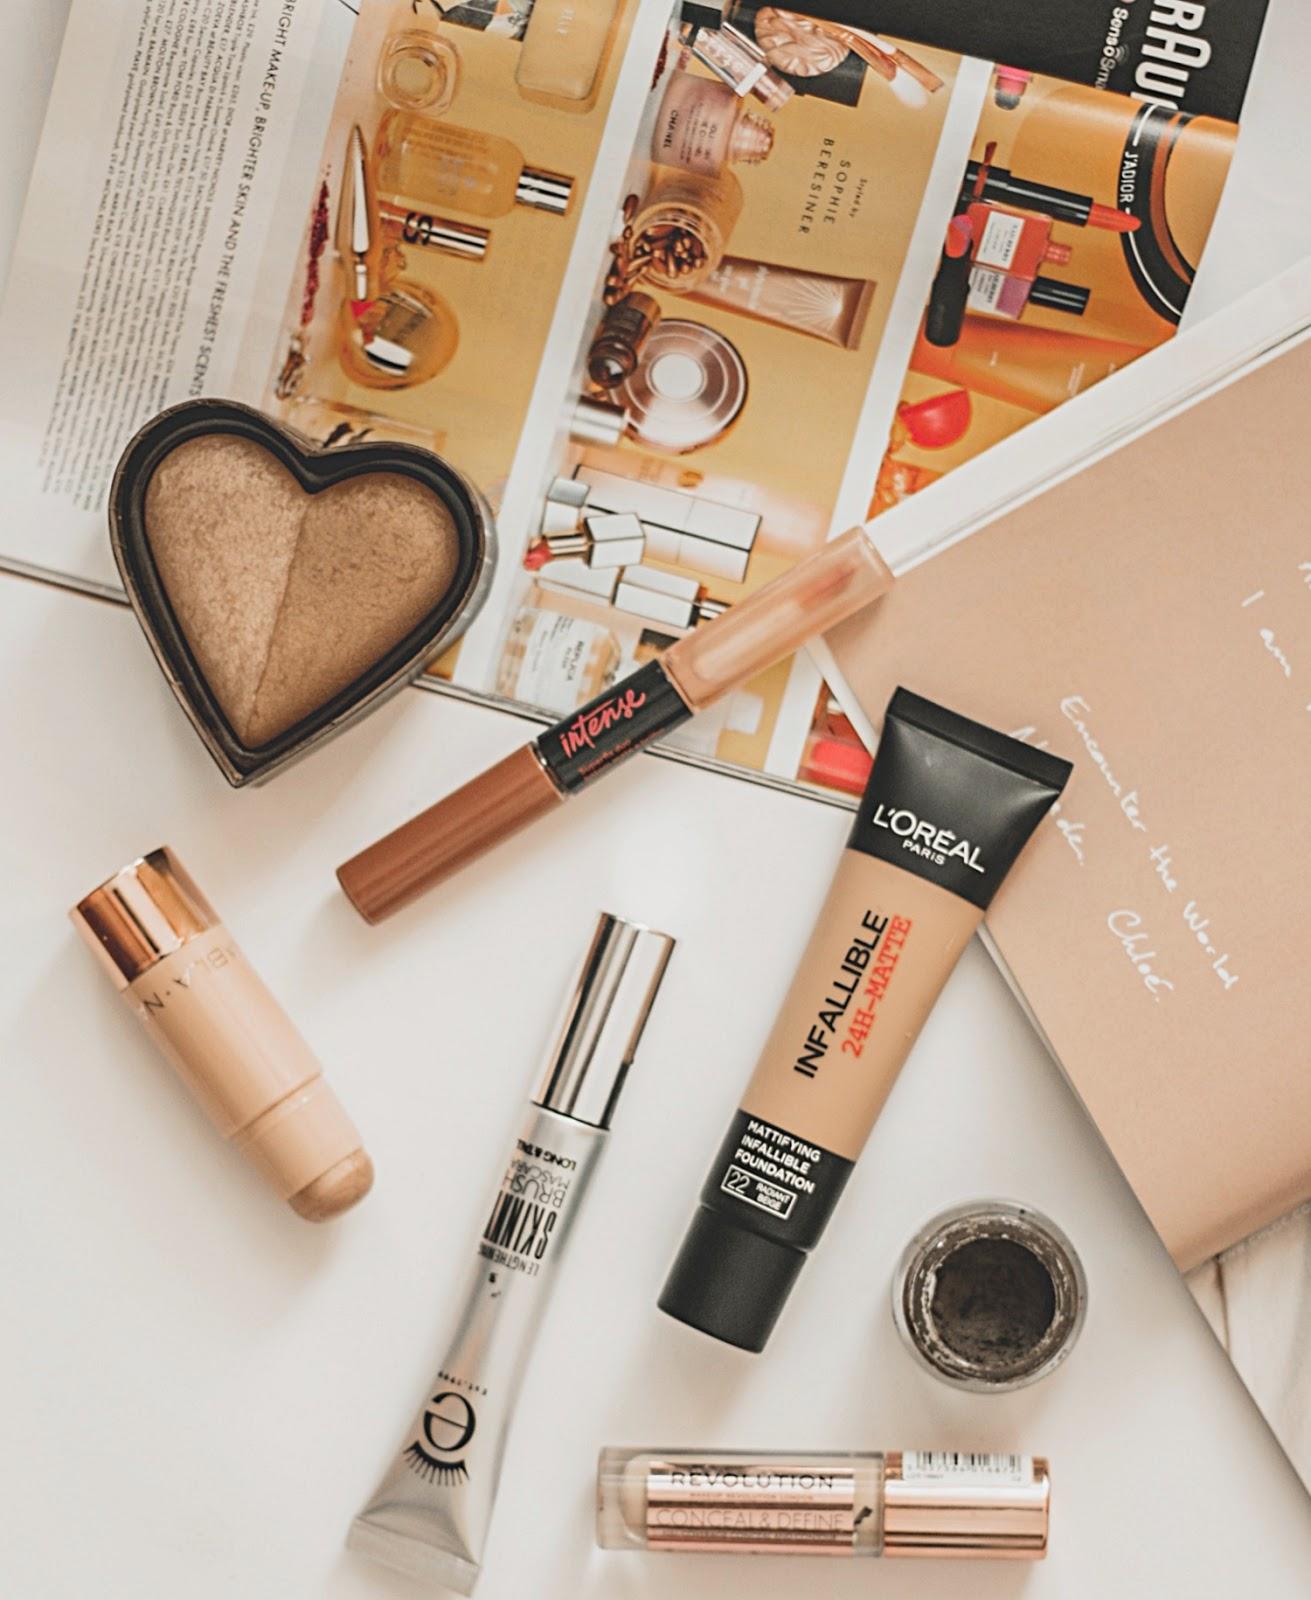 maquilhagem verão, maquilhagem verão 2018, maquilhagem simples, rotina pele, maquilhagem leve, maquilhagem fácil, beleza, beleza maquilhagem, como maquilhar, dicas maquilhagem, melhor maquilhagem verão, maquilhagem primark, maquilhagem low cost, blog beleza, top blog beleza, maquilhagem tendências, tendências beleza,